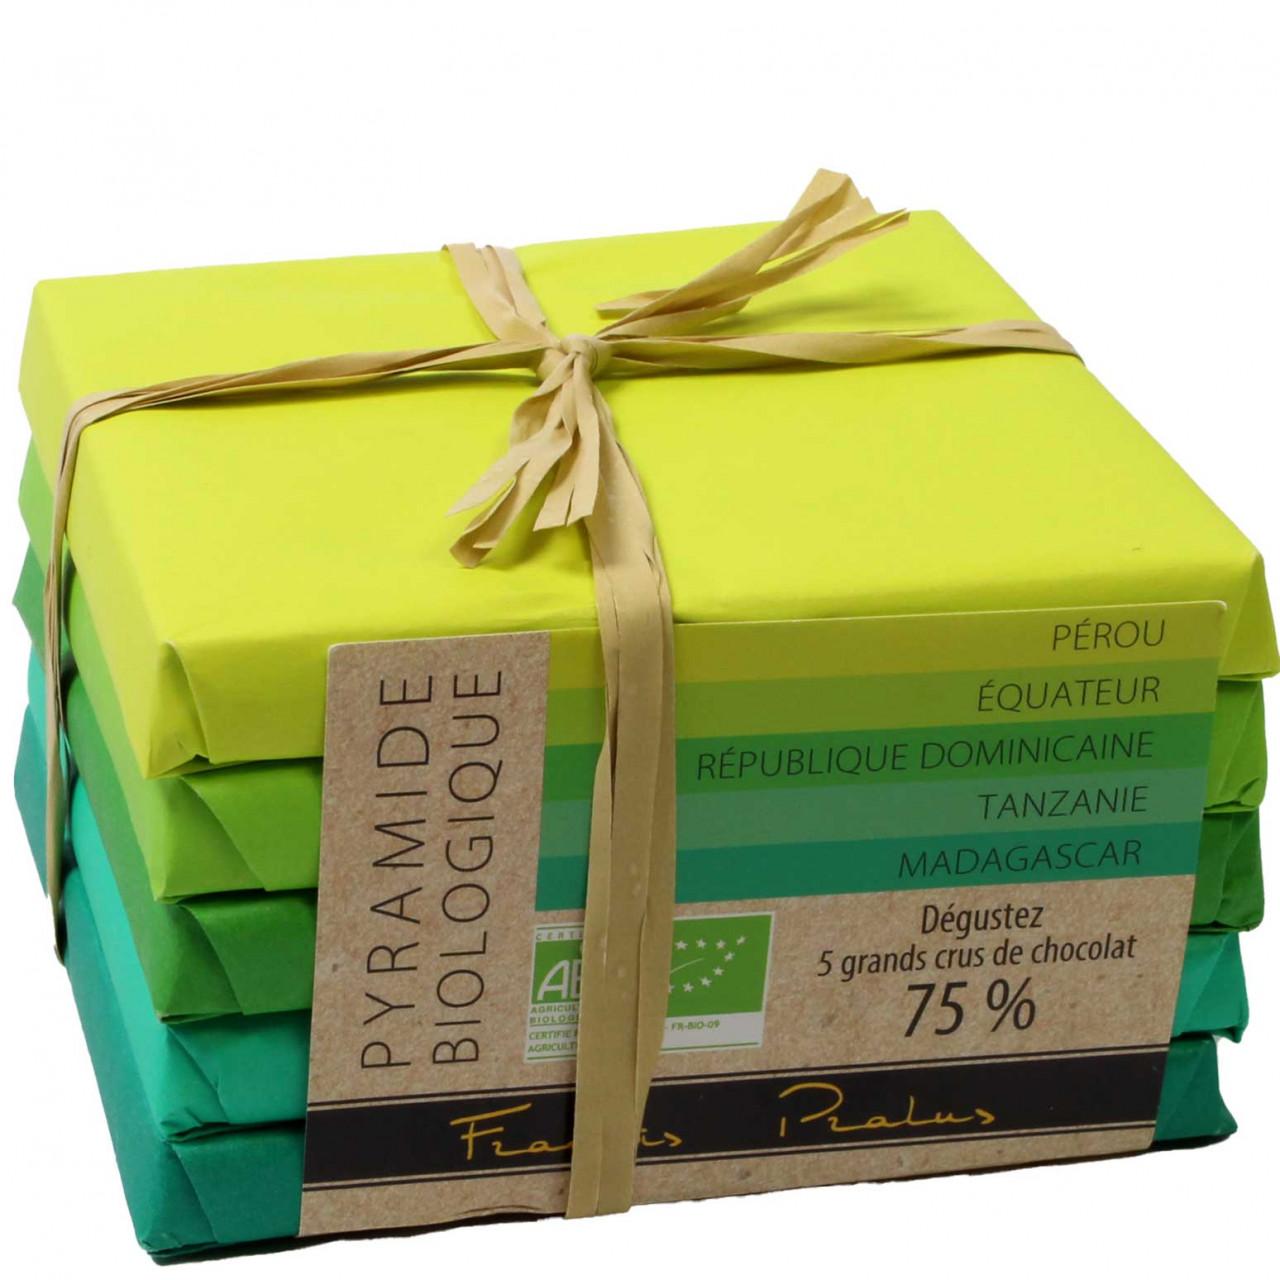 Pyramide Biologique mit 5 Bio-Schokoladen 75% - Tafelschokolade, glutenfreie Schokolade, laktosefreie Schokolade, sojafreie Schokolade, vegan-freundlich, Frankreich, französische Schokolade, pure Schokolade - Chocolats-De-Luxe